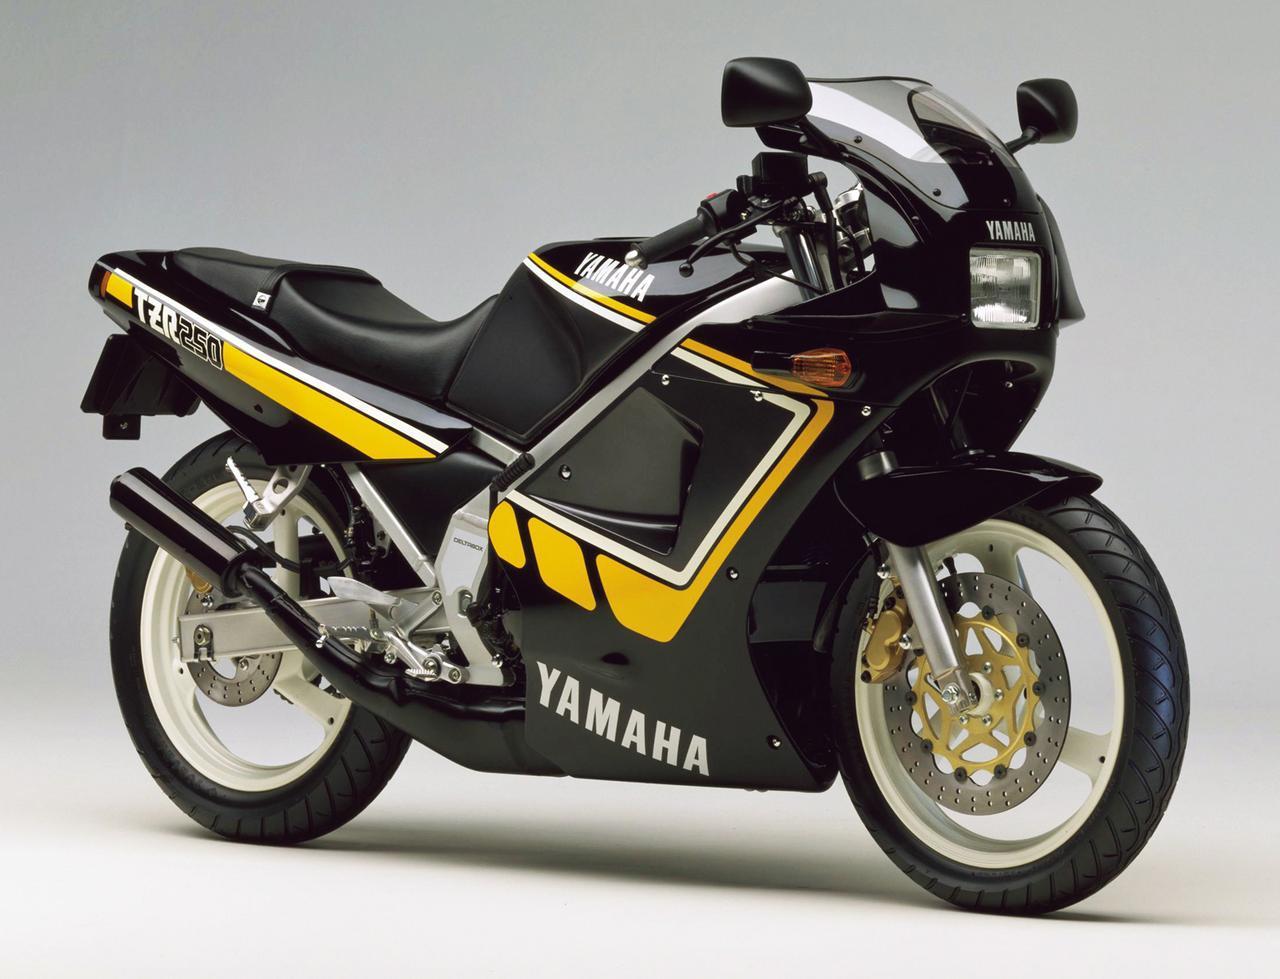 画像: 1987 TZR250/2AW 黒×黄ストライプとした限定車が発売され、スペックは1KTと共通ながら機種コードNo.は2AWに変わった。